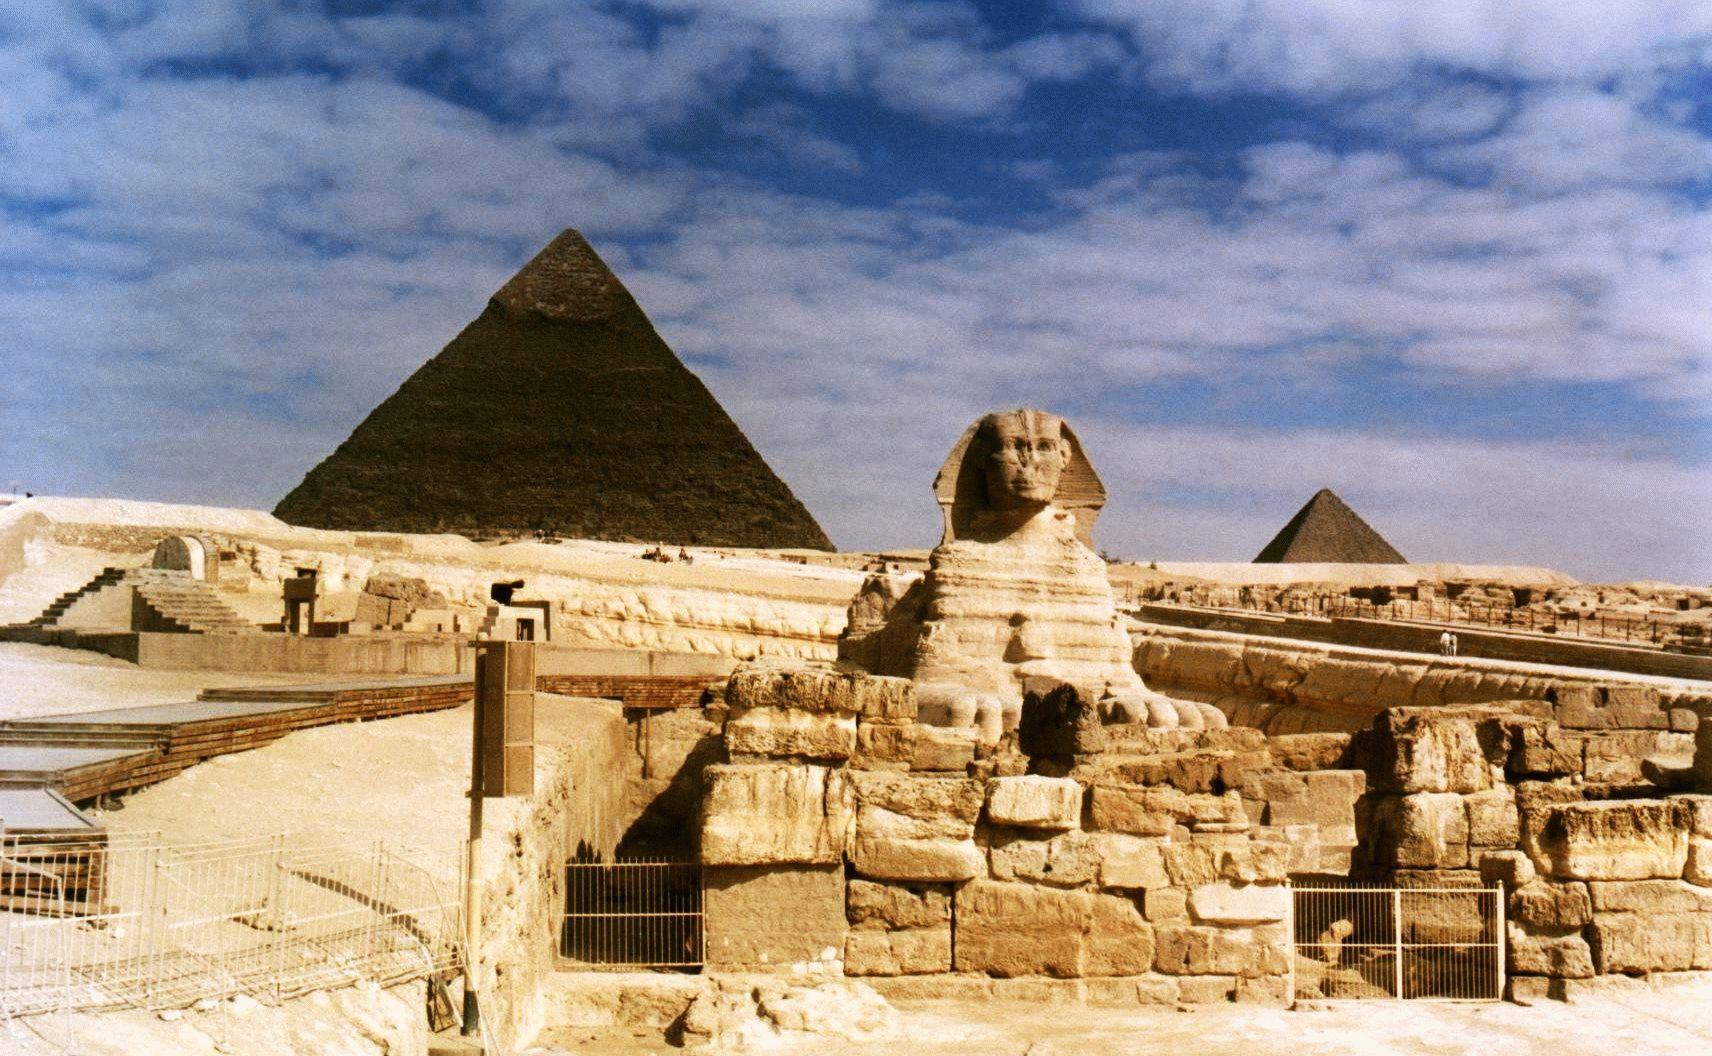 картинка фотография курорта Гиза в Египте